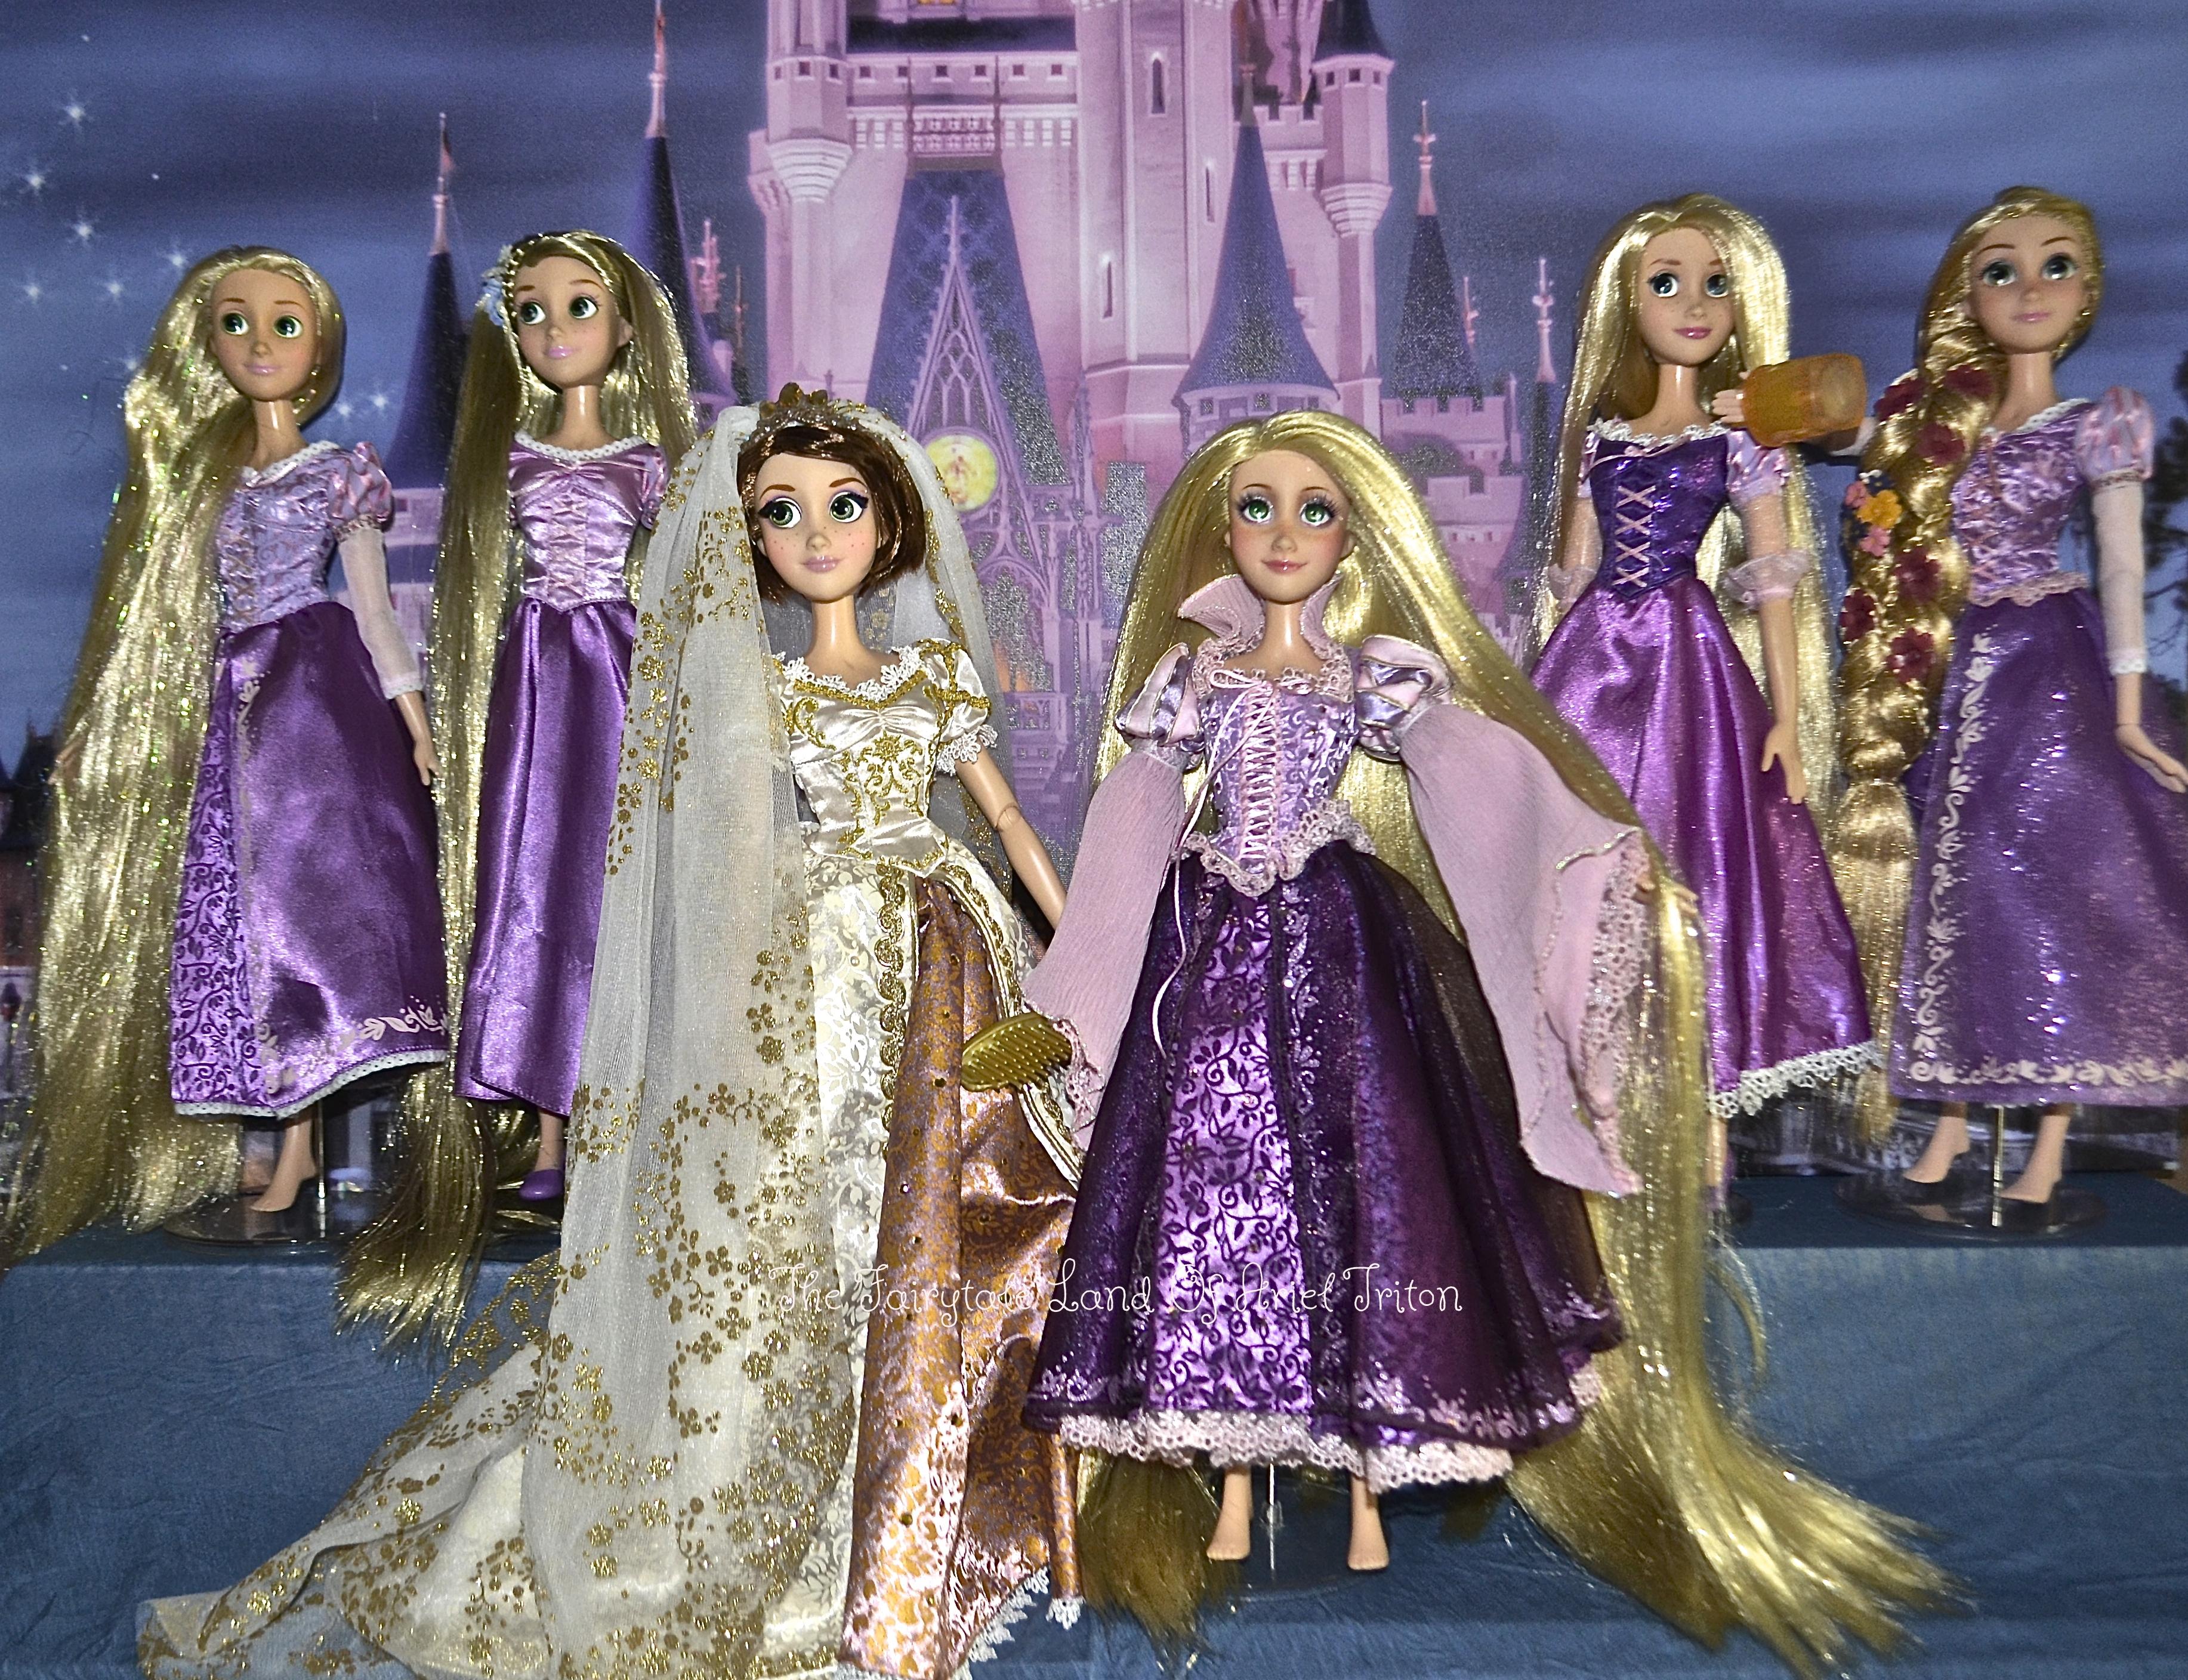 Hintergrundbilder : Sonnenlicht, lila, Kleid, Mode, Puppe, Brauch ...